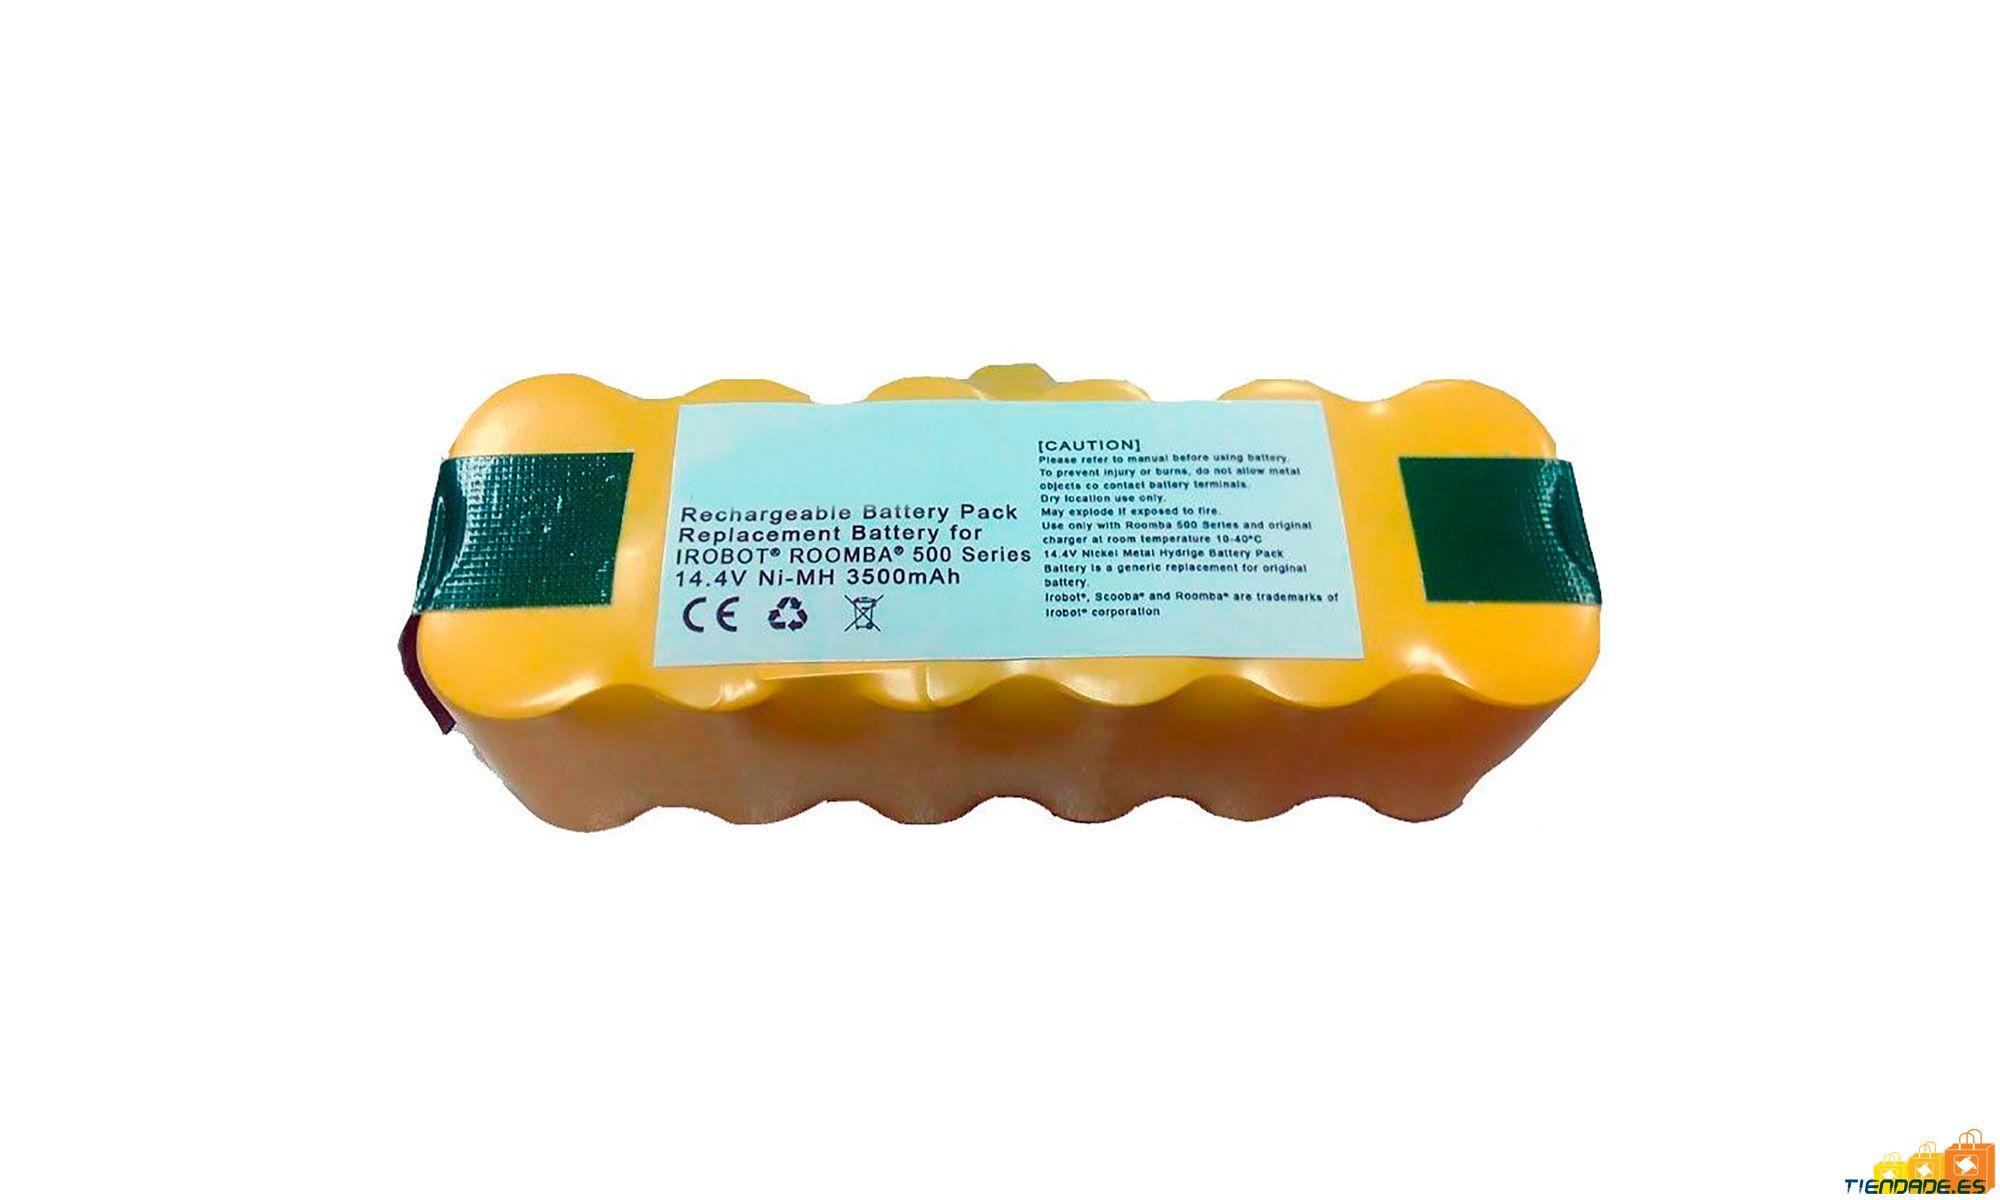 Batería 3500 mAh para Roomba serie 500, 600, 700, 800